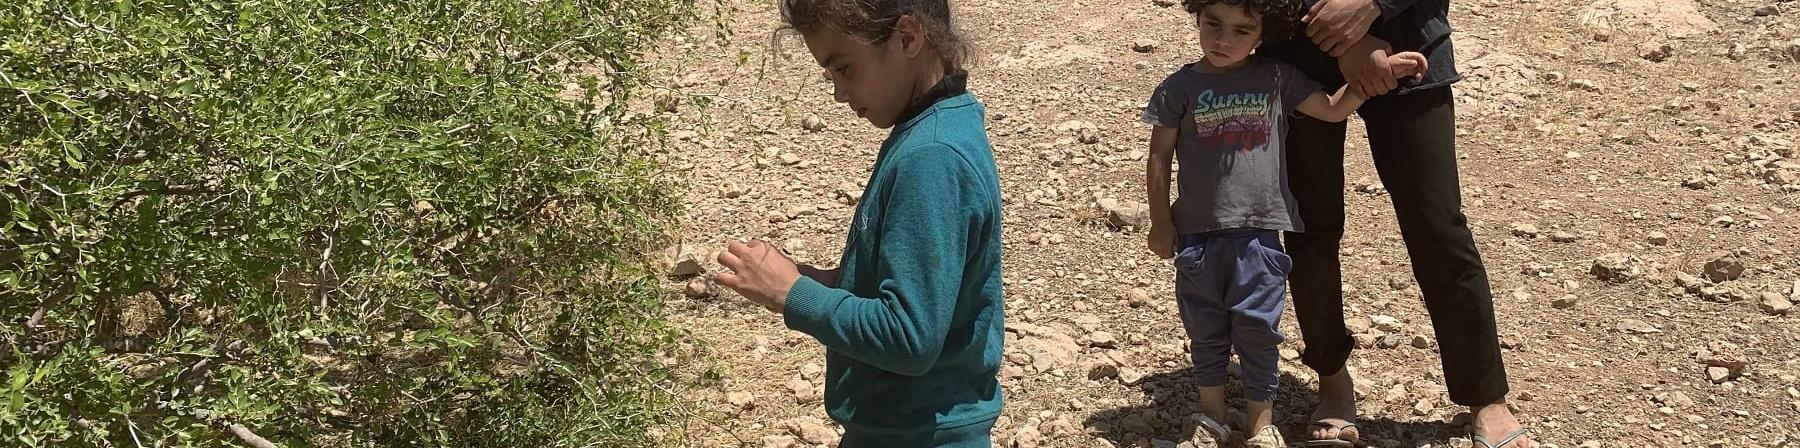 Una bambina in piedi davanti a un cespuglio lo osserva, dietro di lei una ragazza in pedi tiene per mano un altra bambina